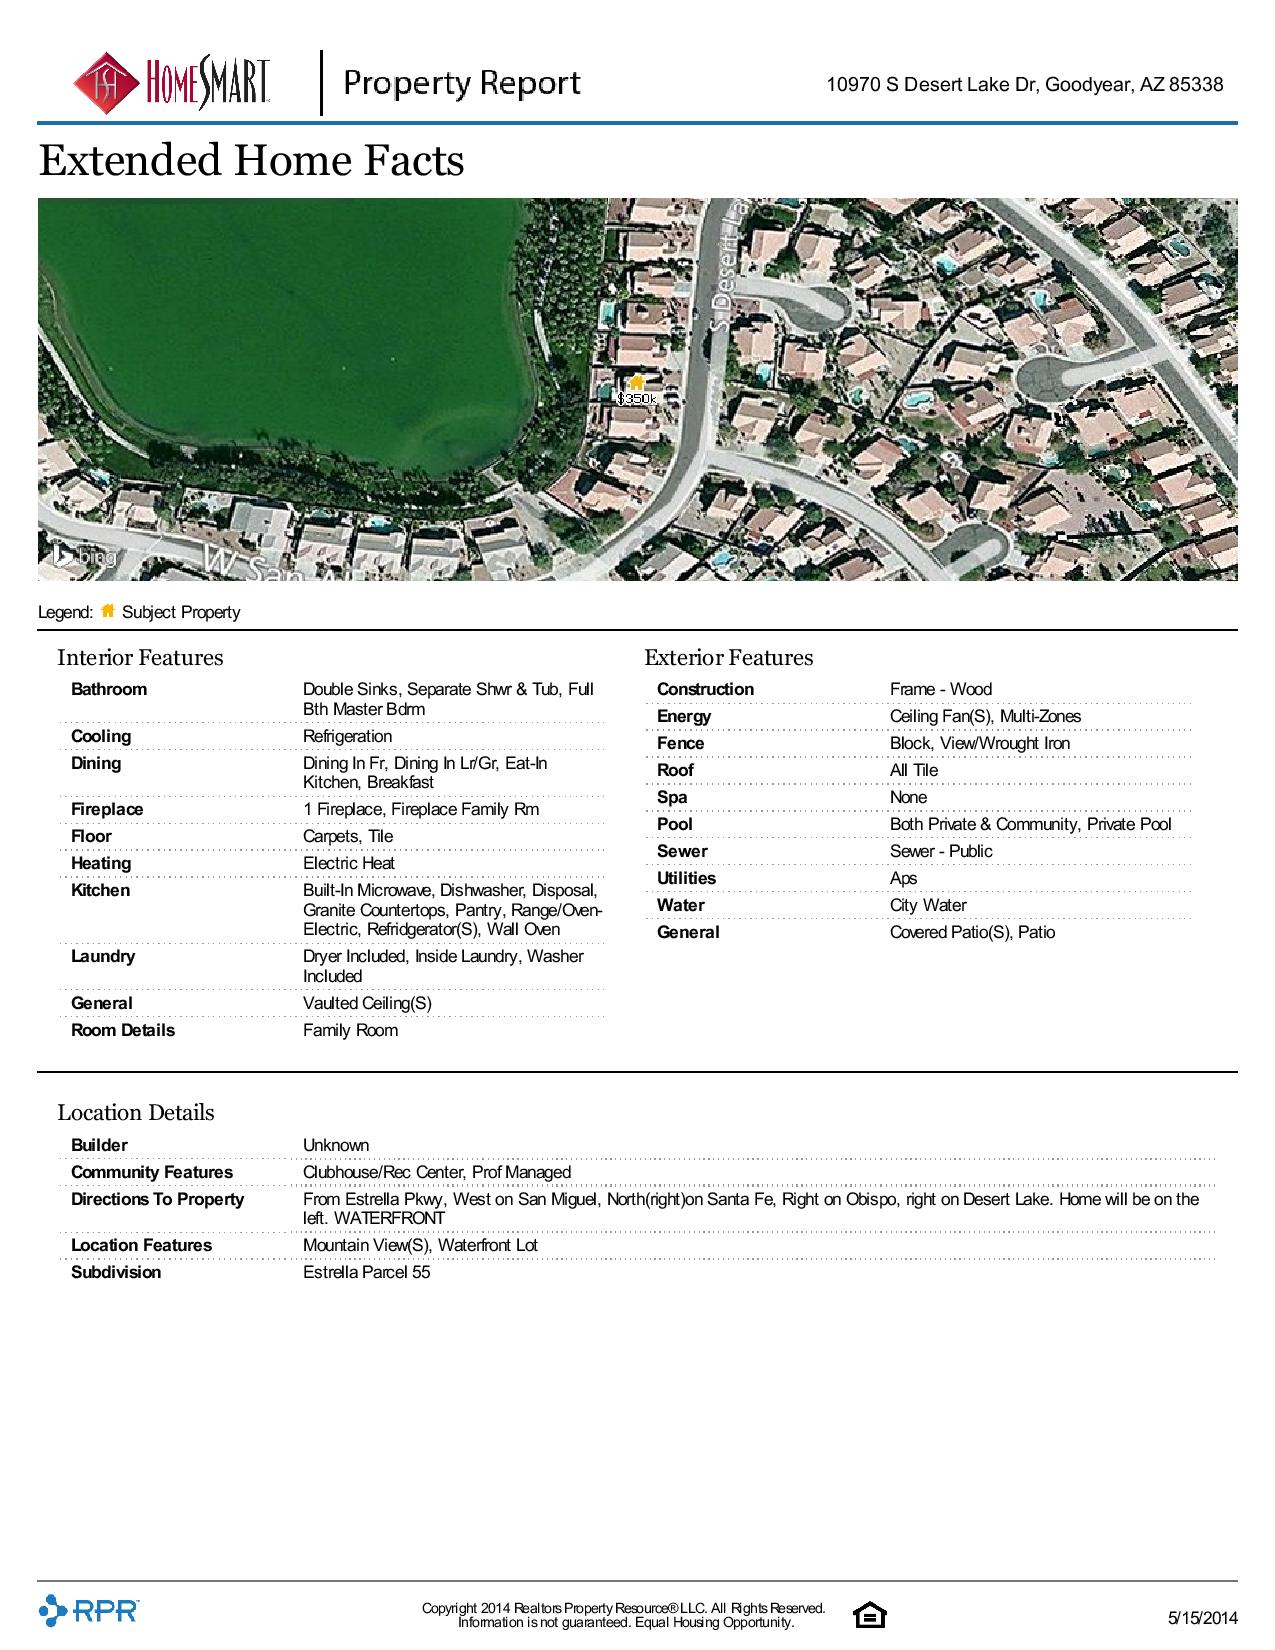 10970-S-Desert-Lake-Dr-Goodyear-AZ-85338-page-004